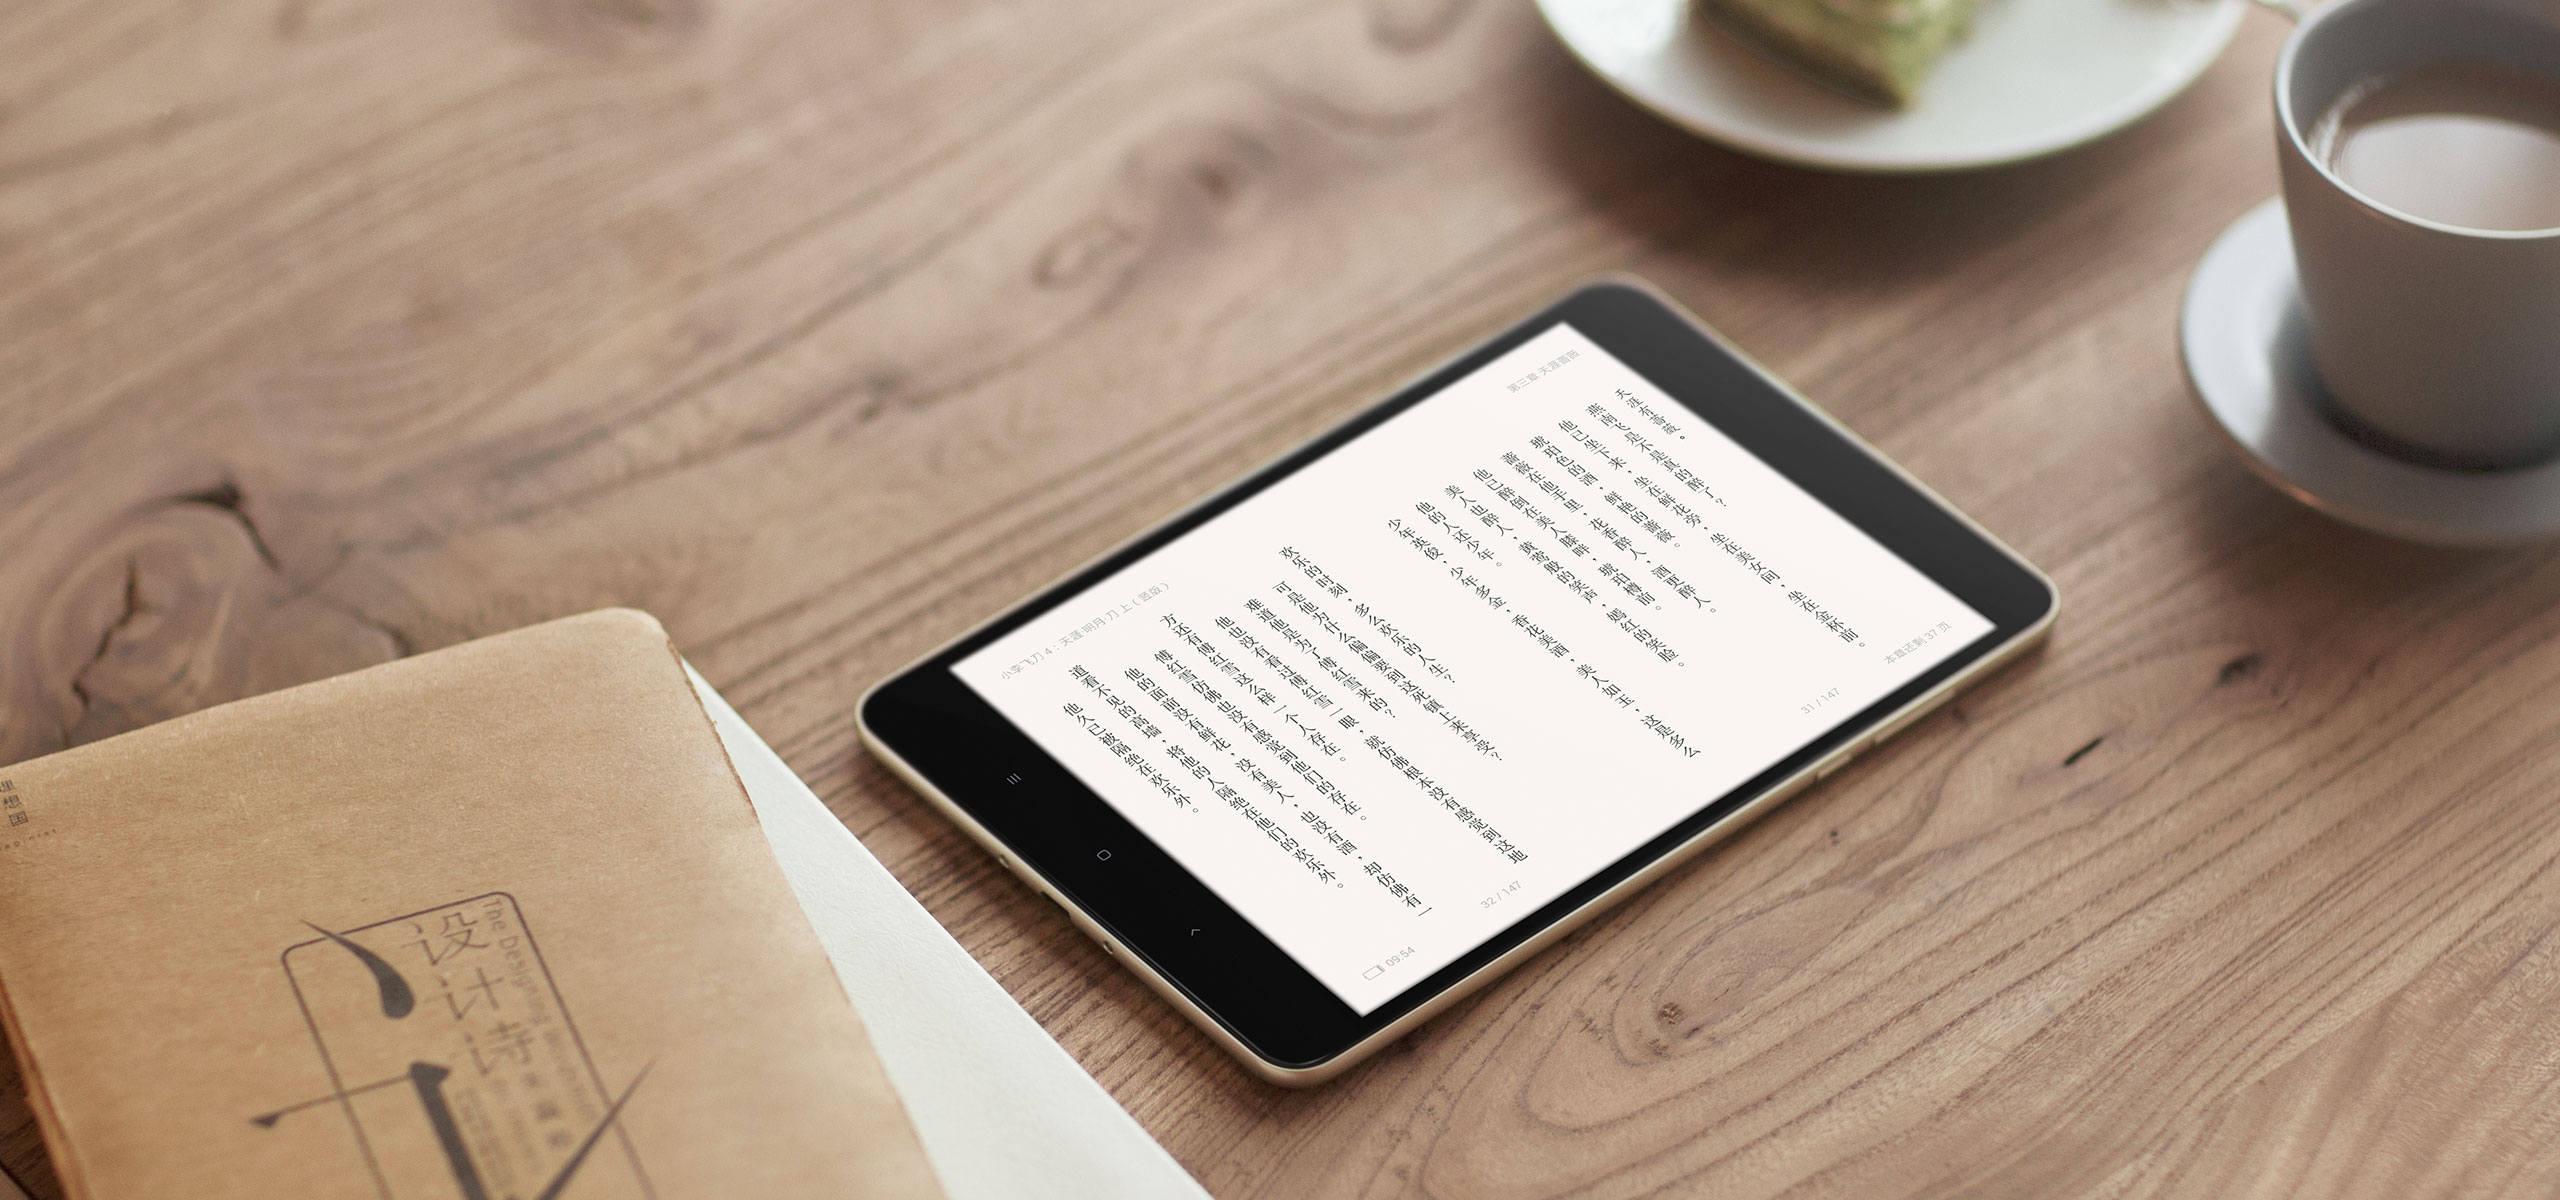 Mi_Pad_3_Xiaomi_tablet_3.jpg